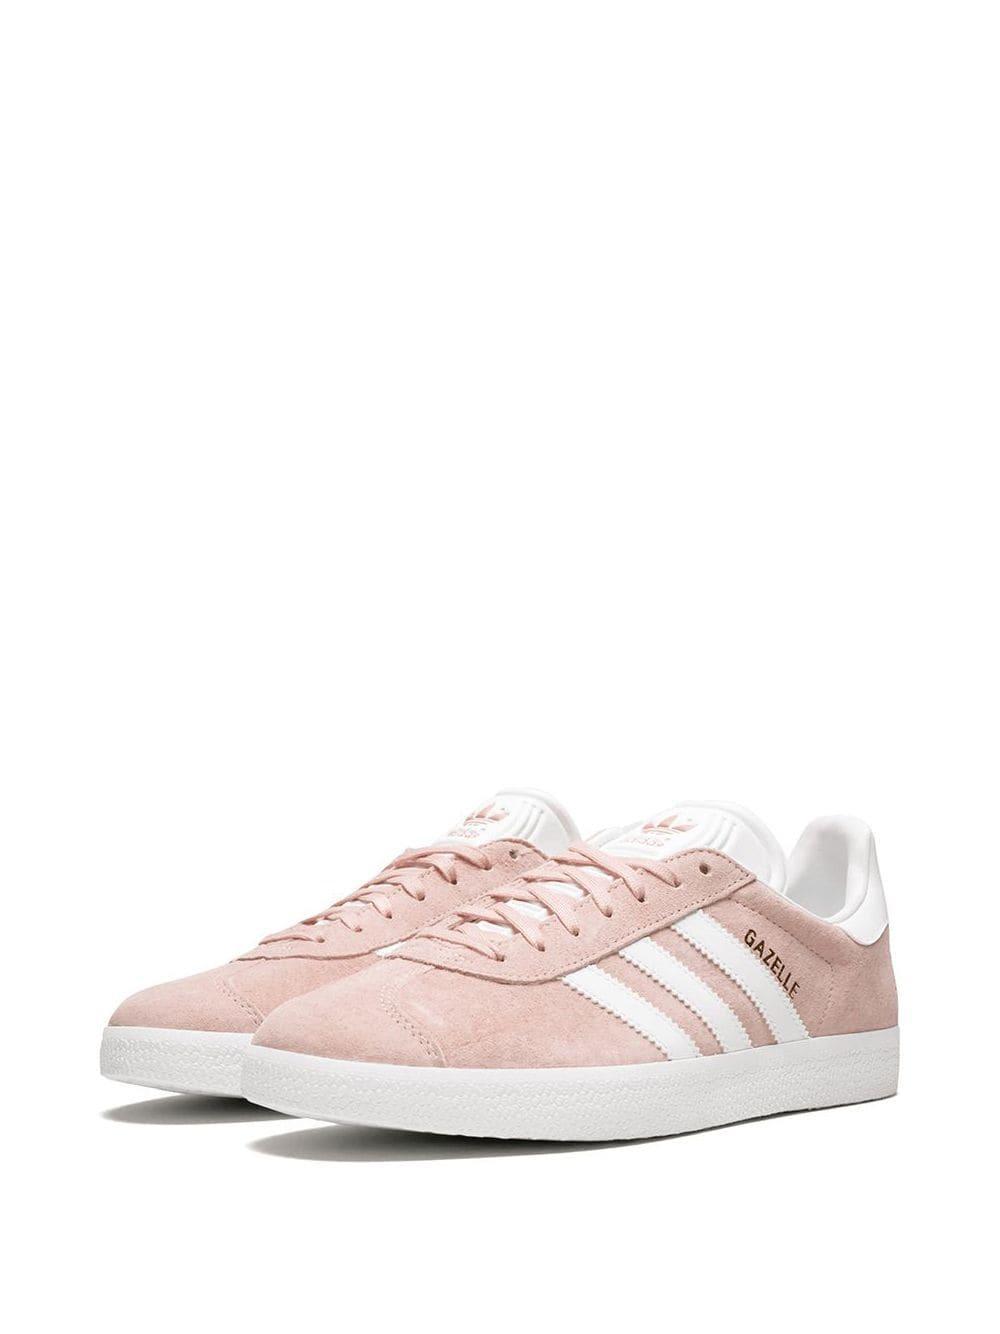 Zapatillas Gazelle W adidas de color Rosa